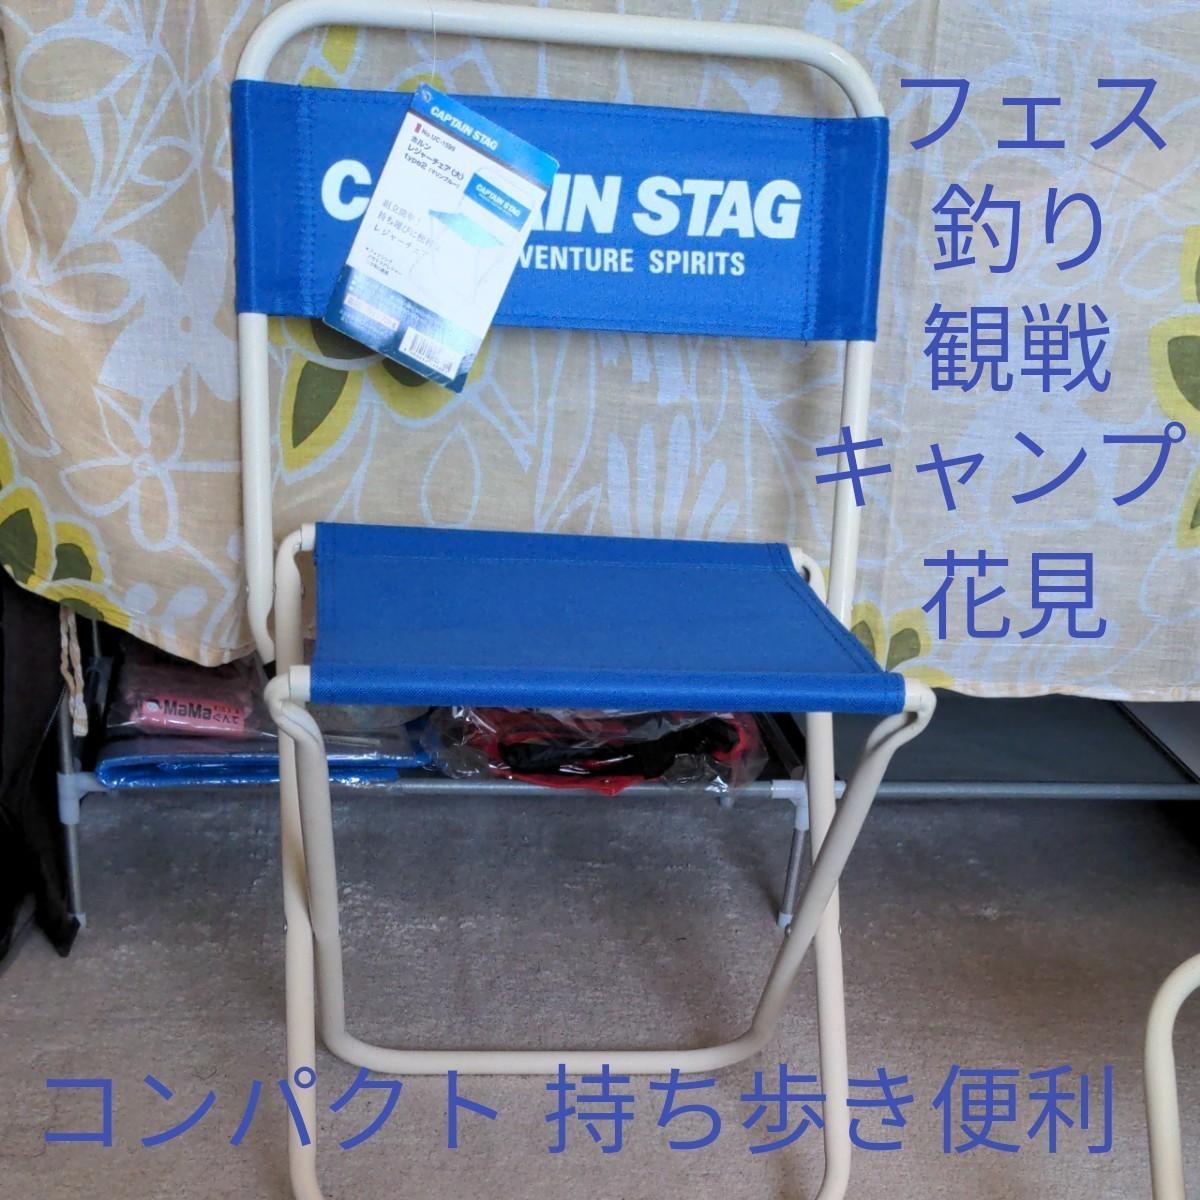 キャプテンスタッグ アウトドア 折りたたみ椅子 背もたれ付き 青 コンパクト ソロキャンプ 車中泊 フェス ブルー